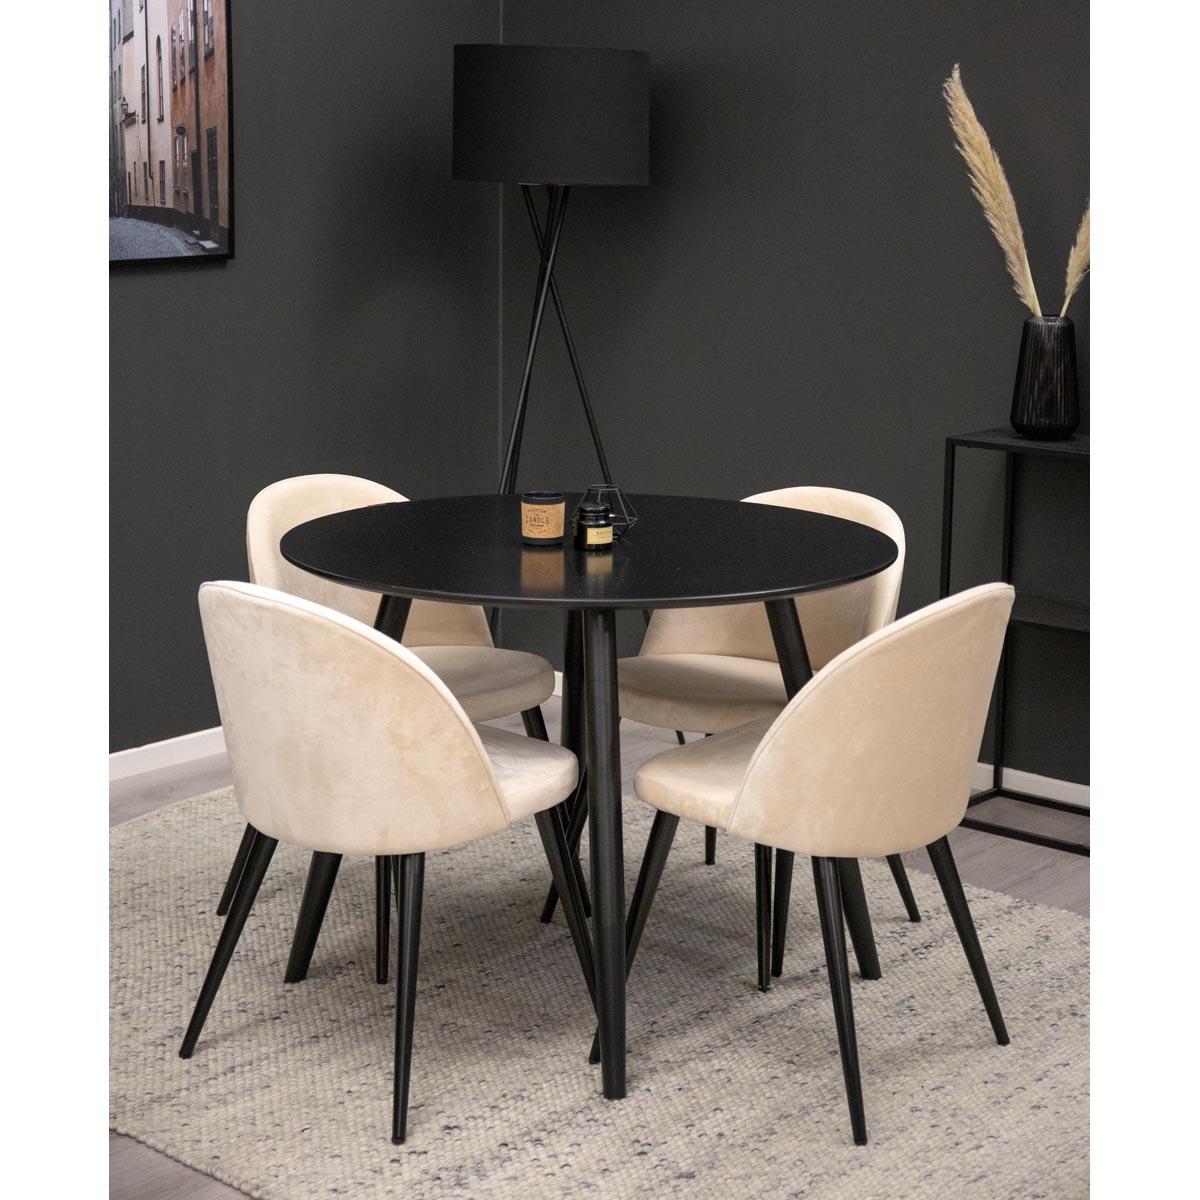 plaza-bord-svart+velvet-beige-sammet-miljo-17940-488+19924-880